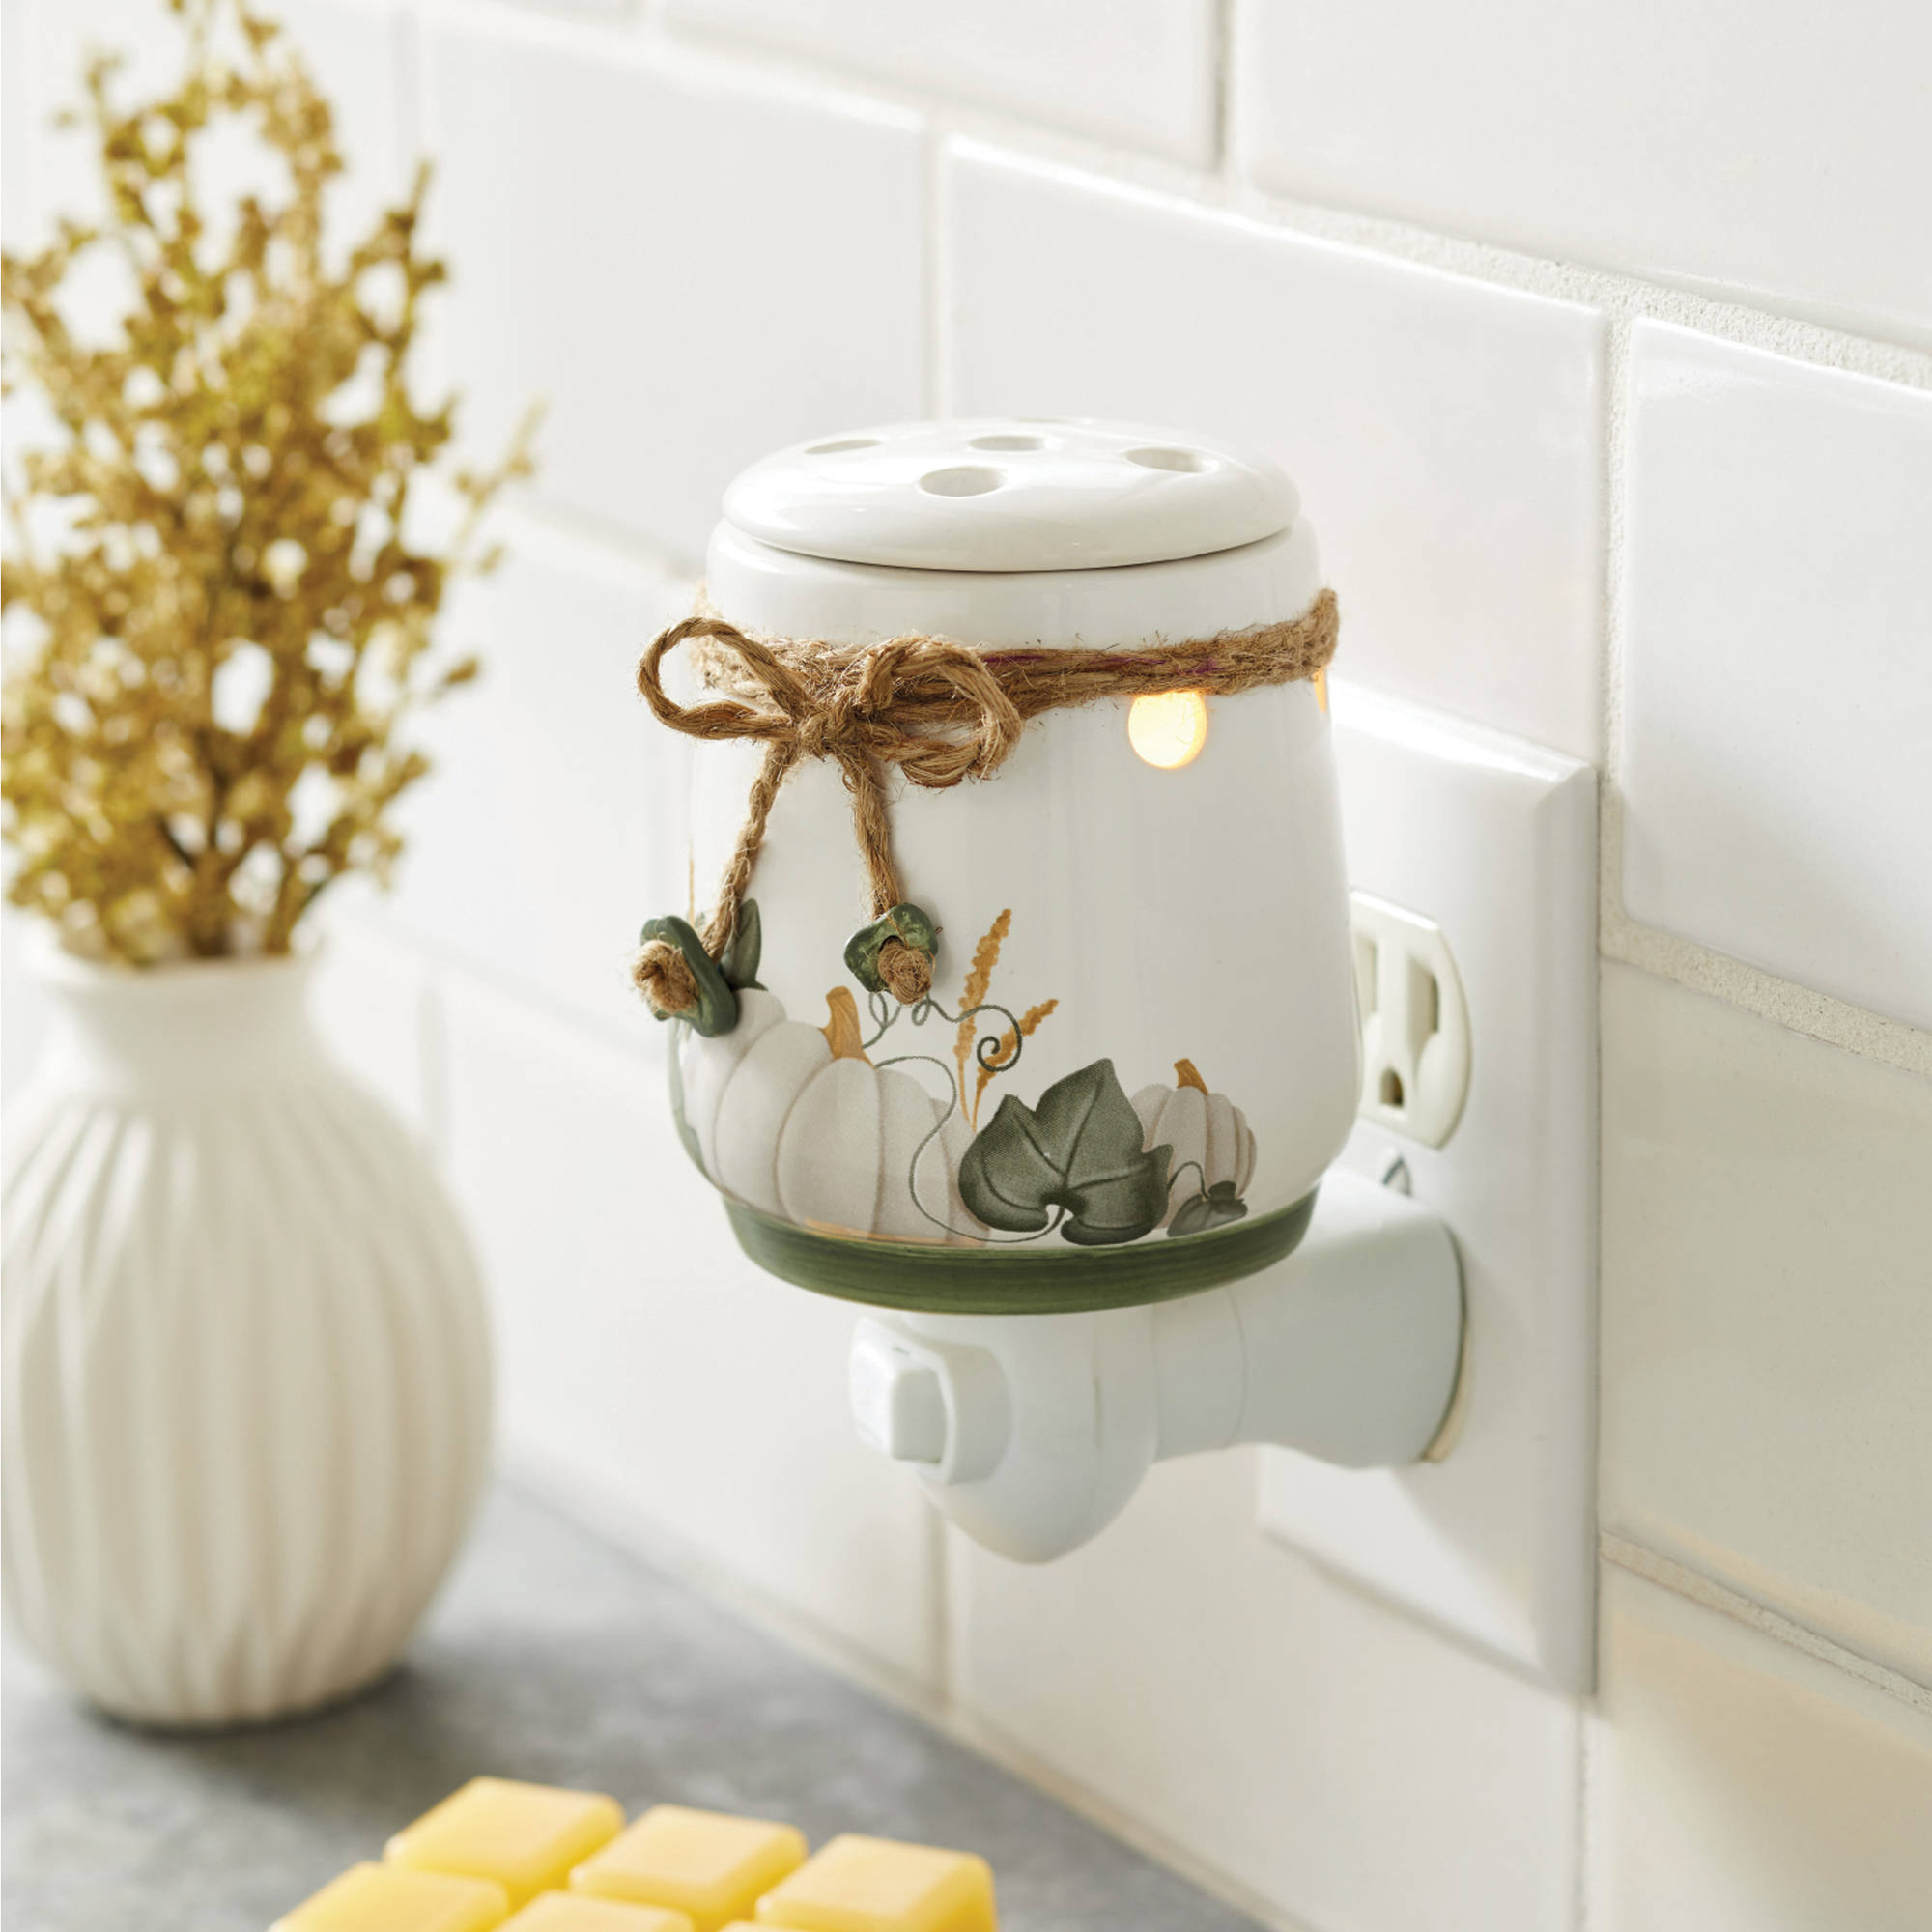 Better Homes & Gardens Accent Wax Warmer Pumpkin Weave